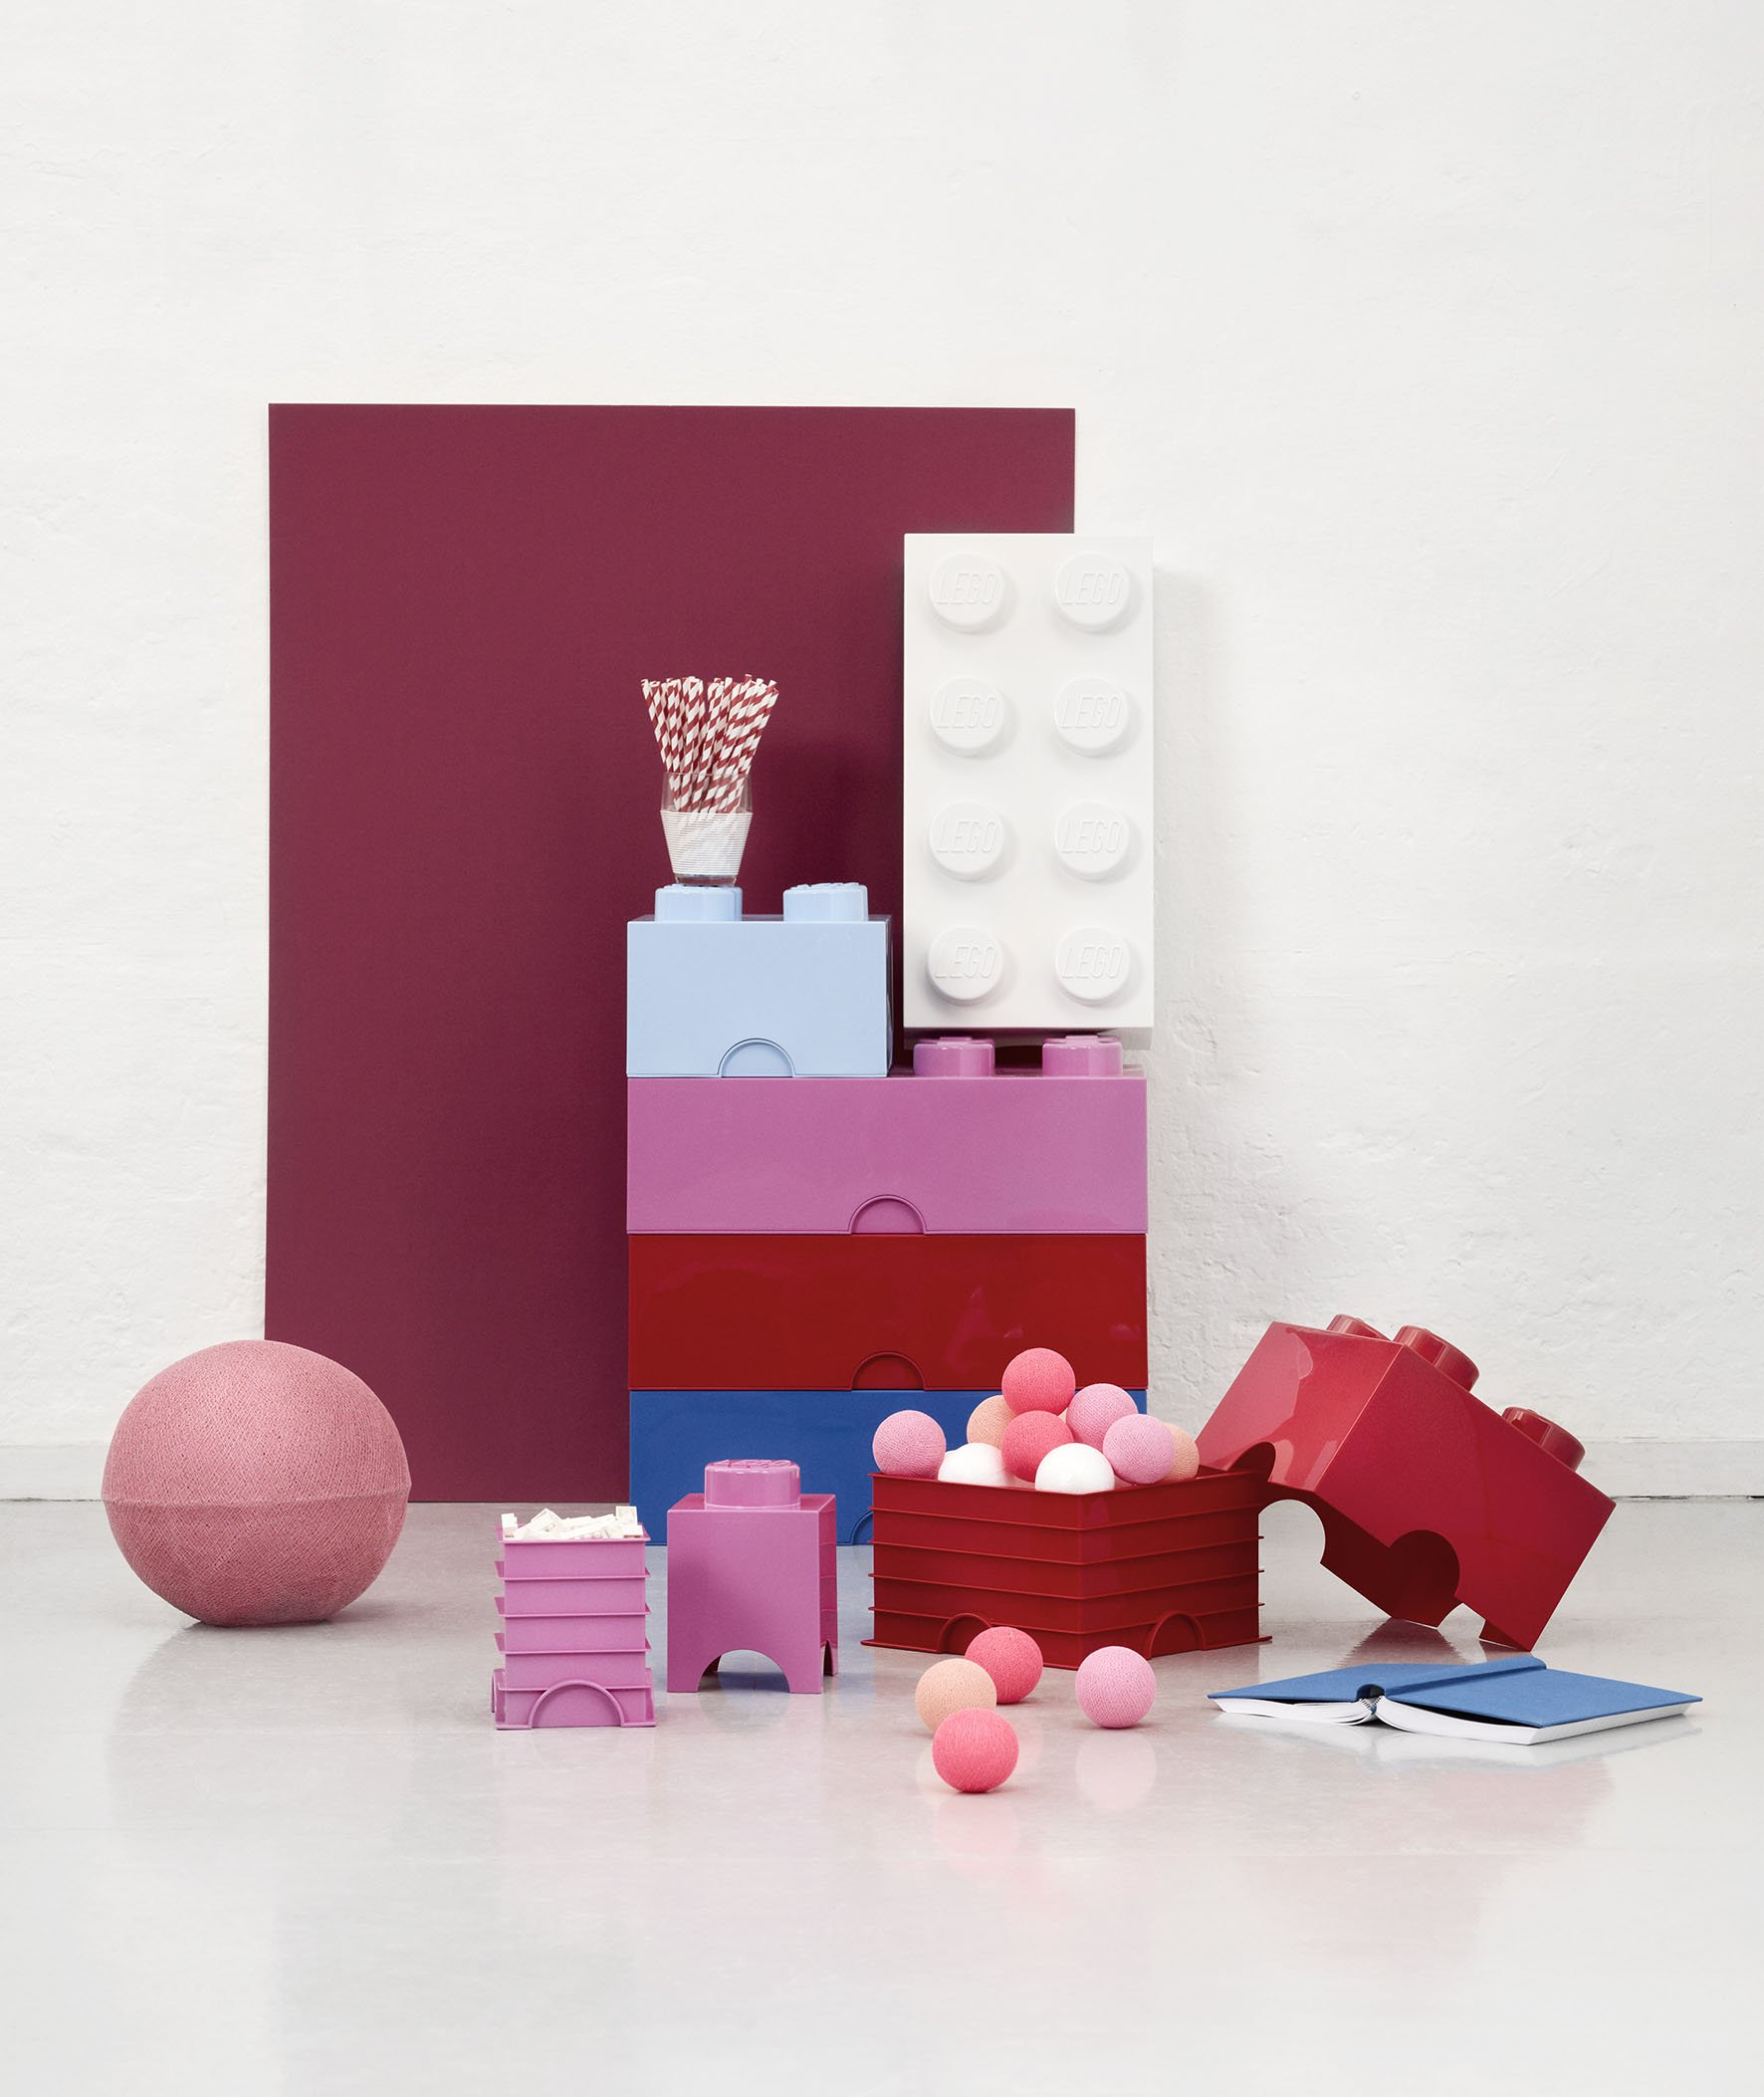 LEGO - Scatola stoccaggio, Arancione, & Room Copenhagen Classic Mattoncino Bottoncini,Contenitore impilabile Litri… 5 spesavip